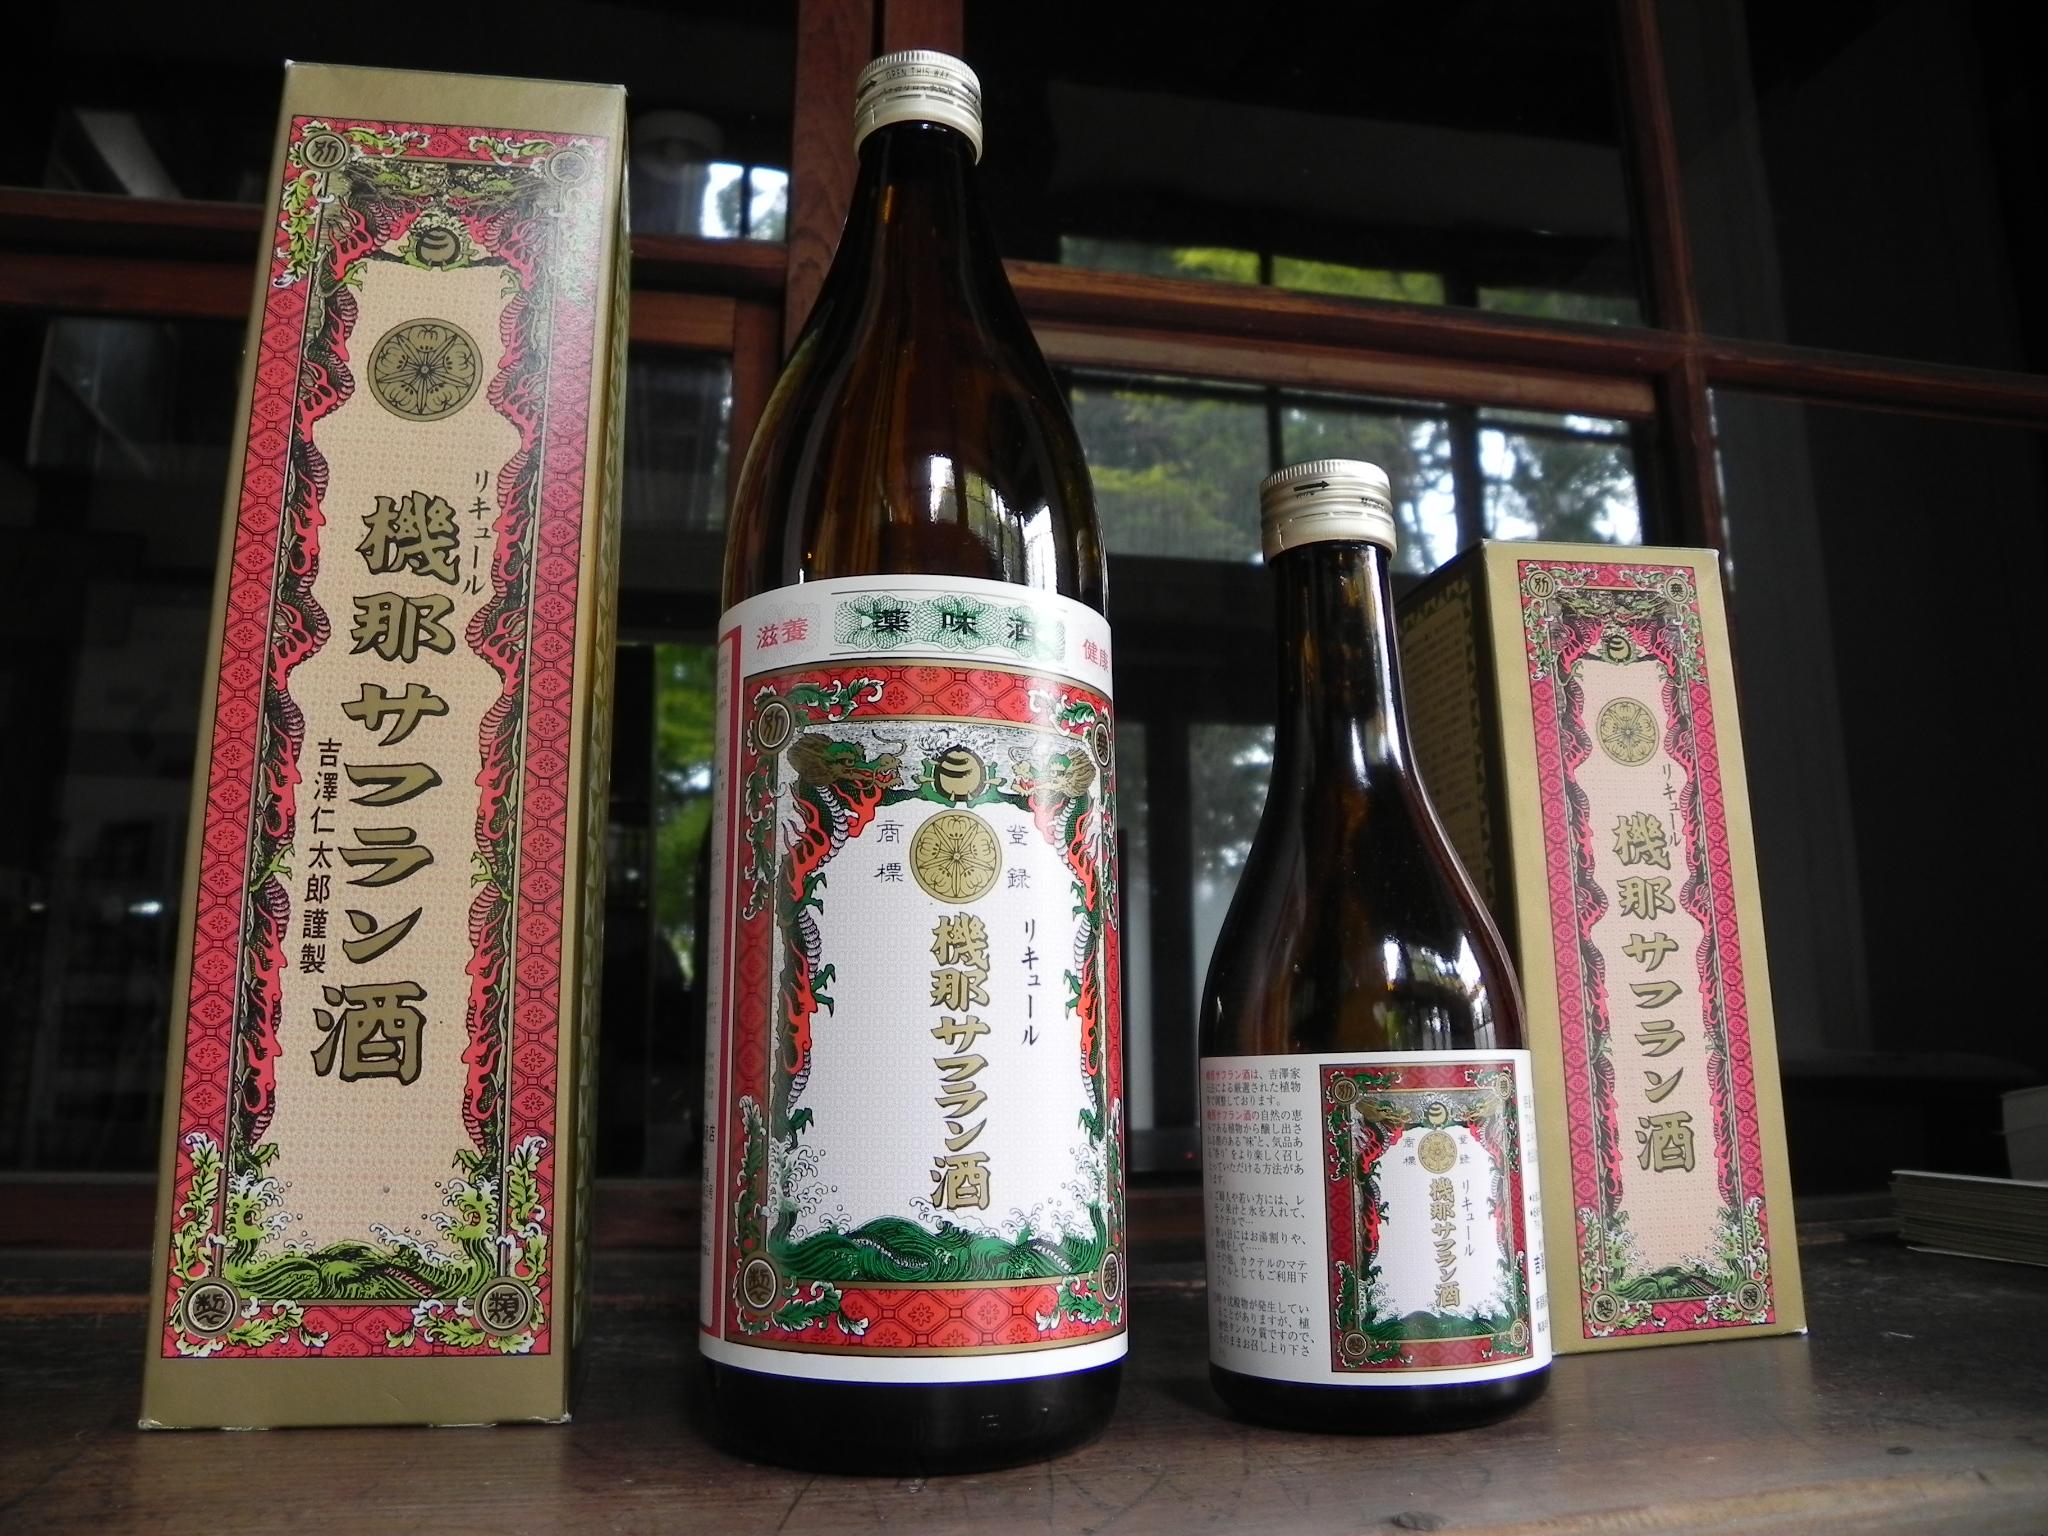 当時のデザインを継承する「機那サフラン酒」(リキュール)も現地で買える。税込み900ml/2,129円、300ml/864円。